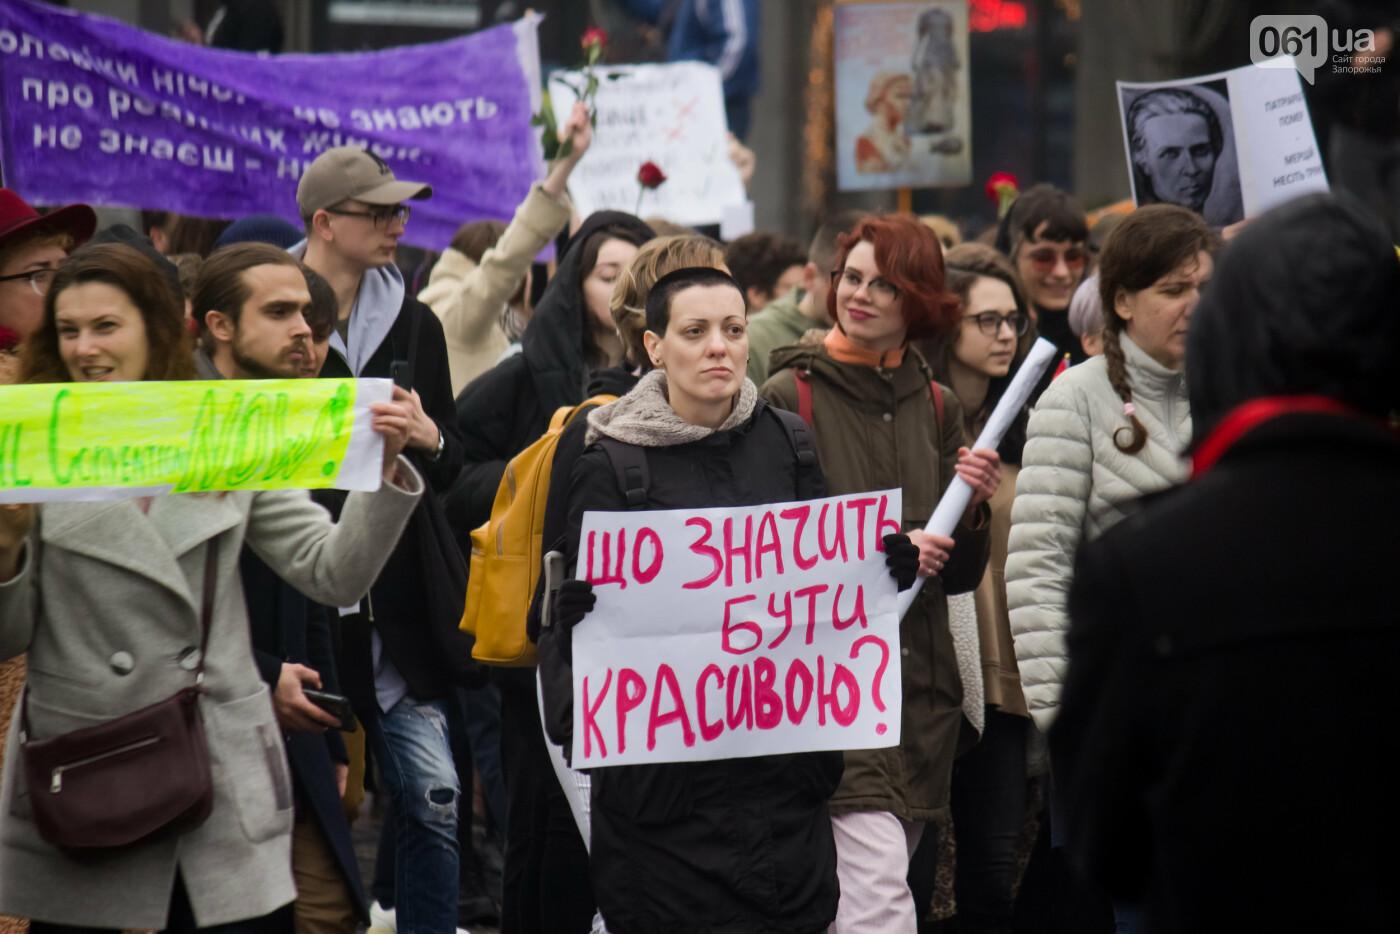 5 историй запорожцев, которые вышли на Марш женщин в Киеве: почему для них это важно, - ФОТОРЕПОРТАЖ, фото-17